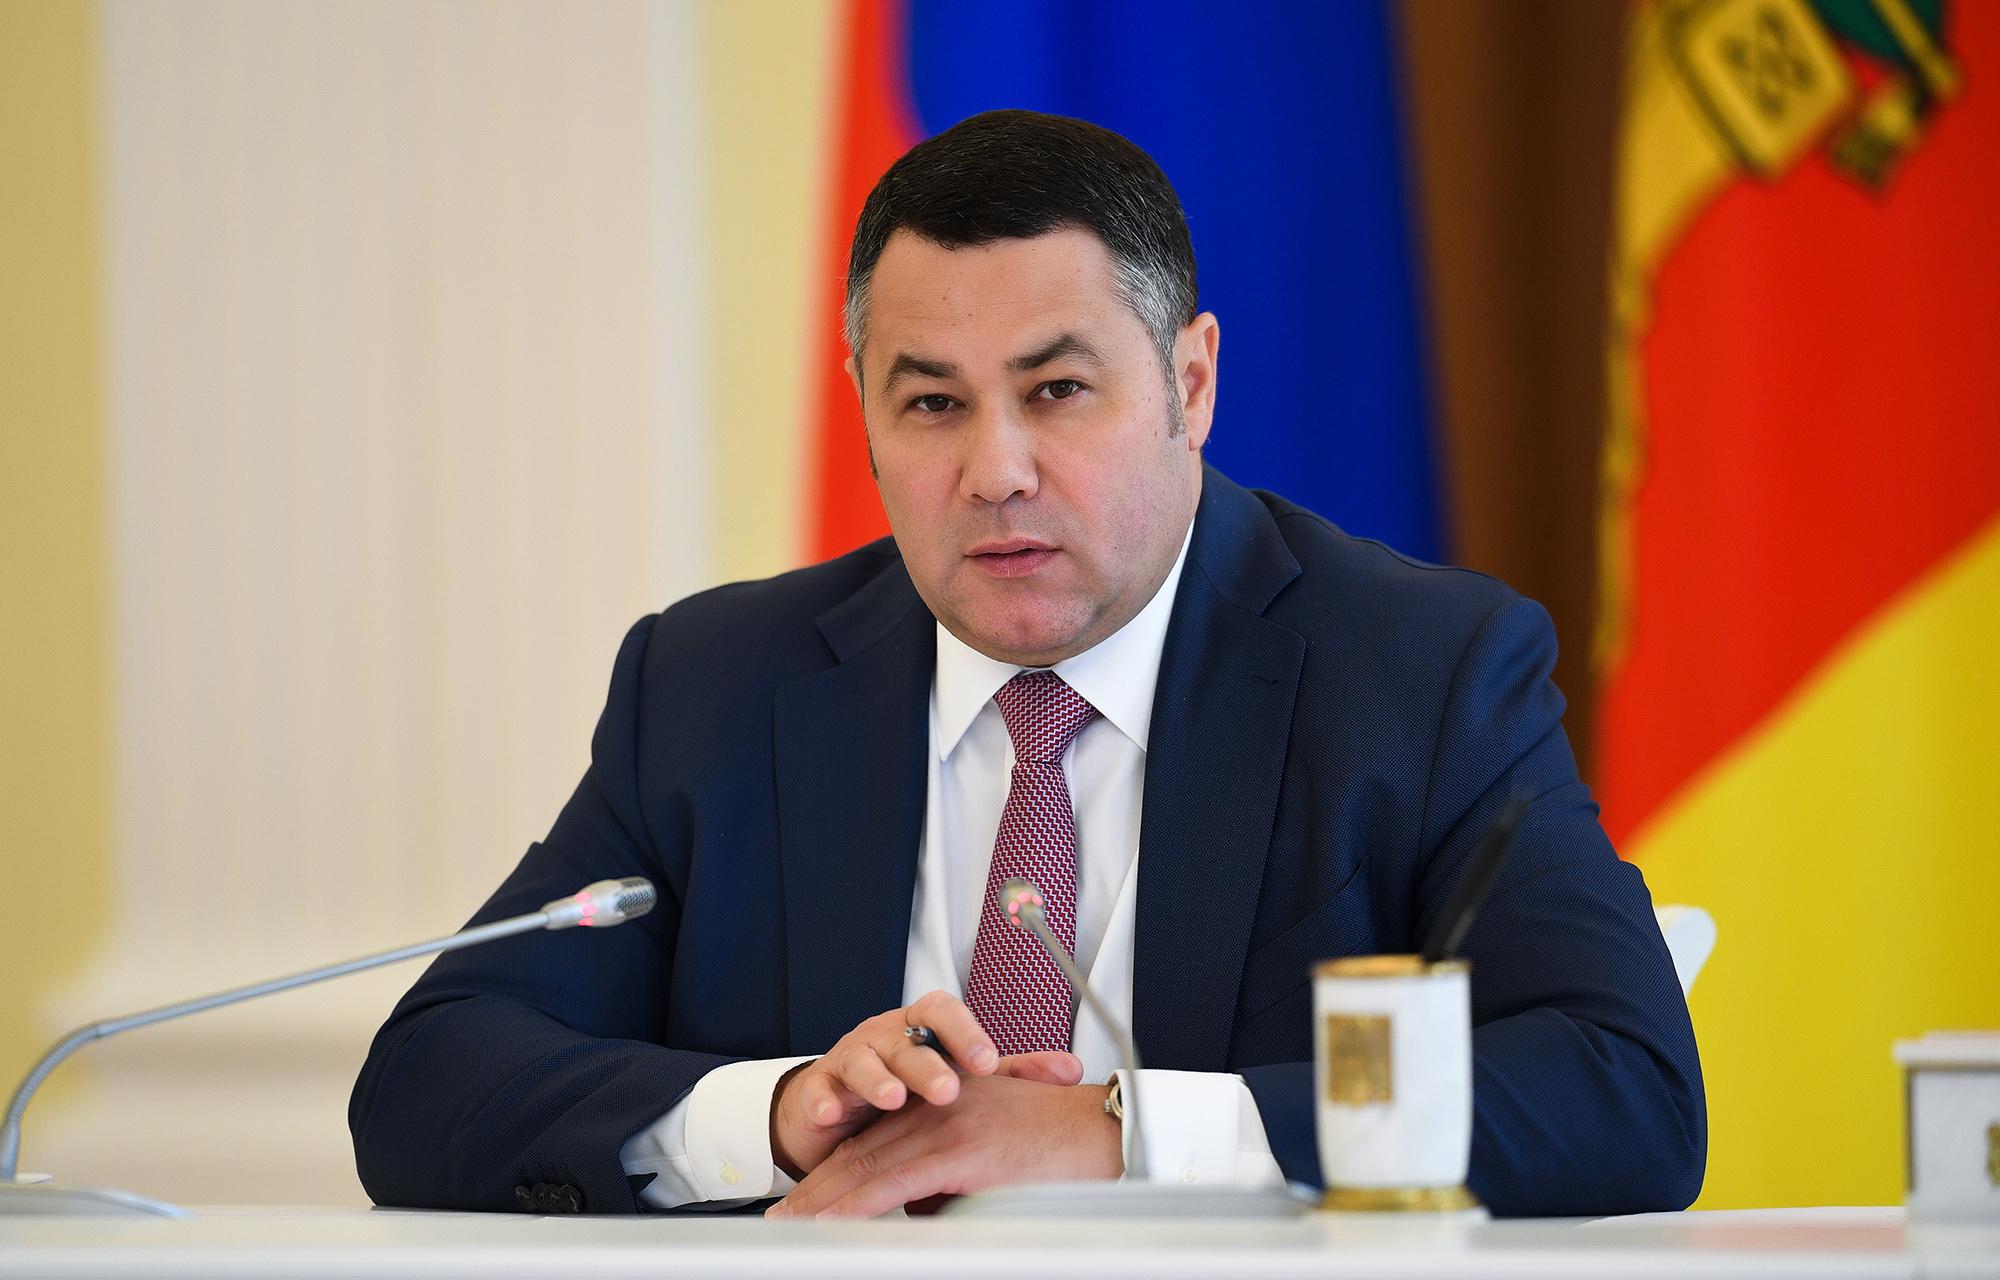 Игорь Руденя вошел в рейтинг «Губернаторская повестка» в связи с переводом на региональный уровень полномочий по безнадзорным животным